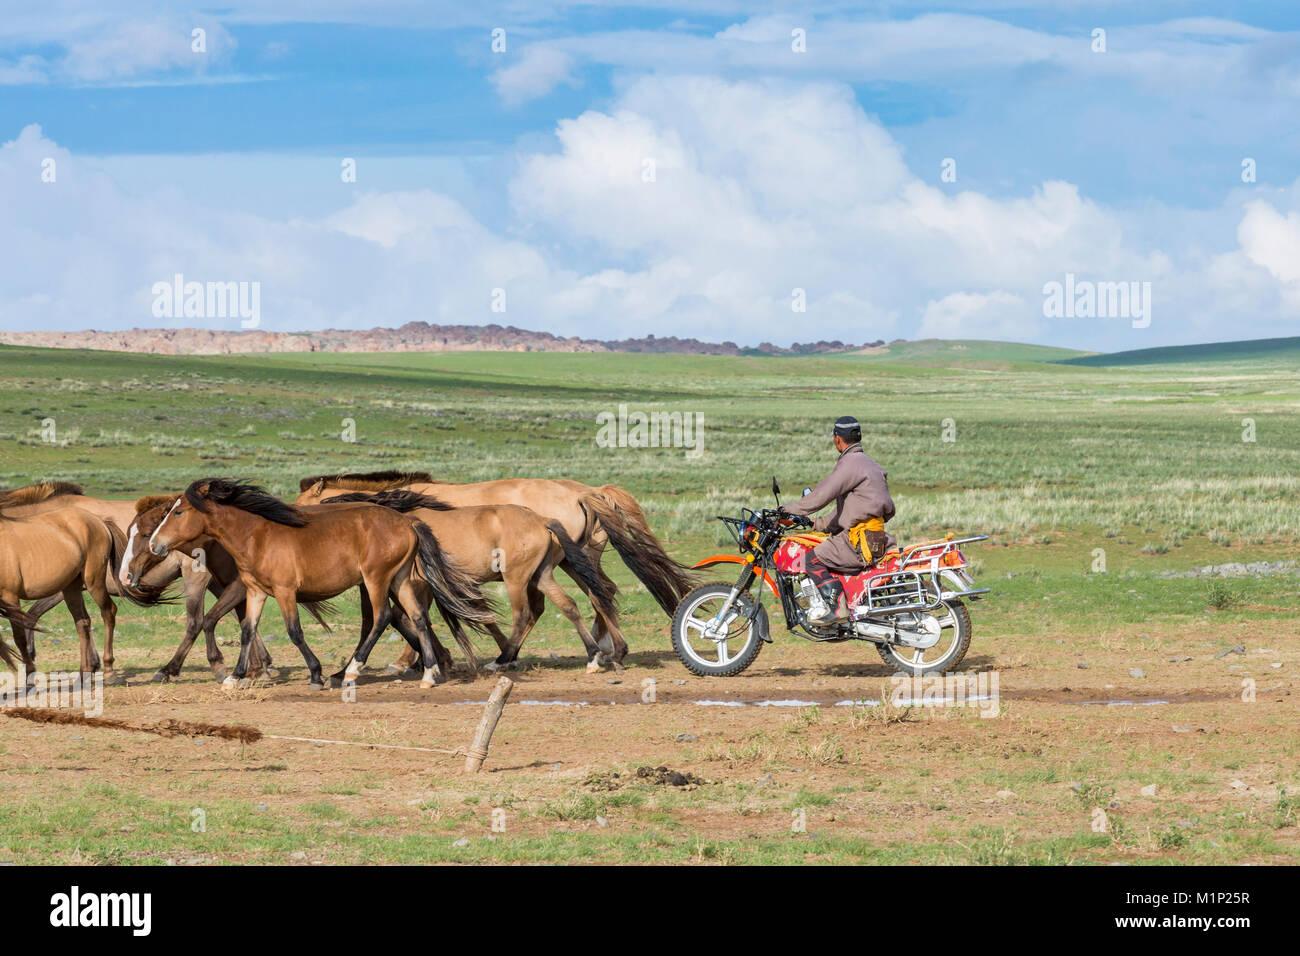 Nomadi mongoli uomo sulla moto raduno cavalli, Medio provincia Gobi, Mongolia, Asia Centrale, Asia Immagini Stock